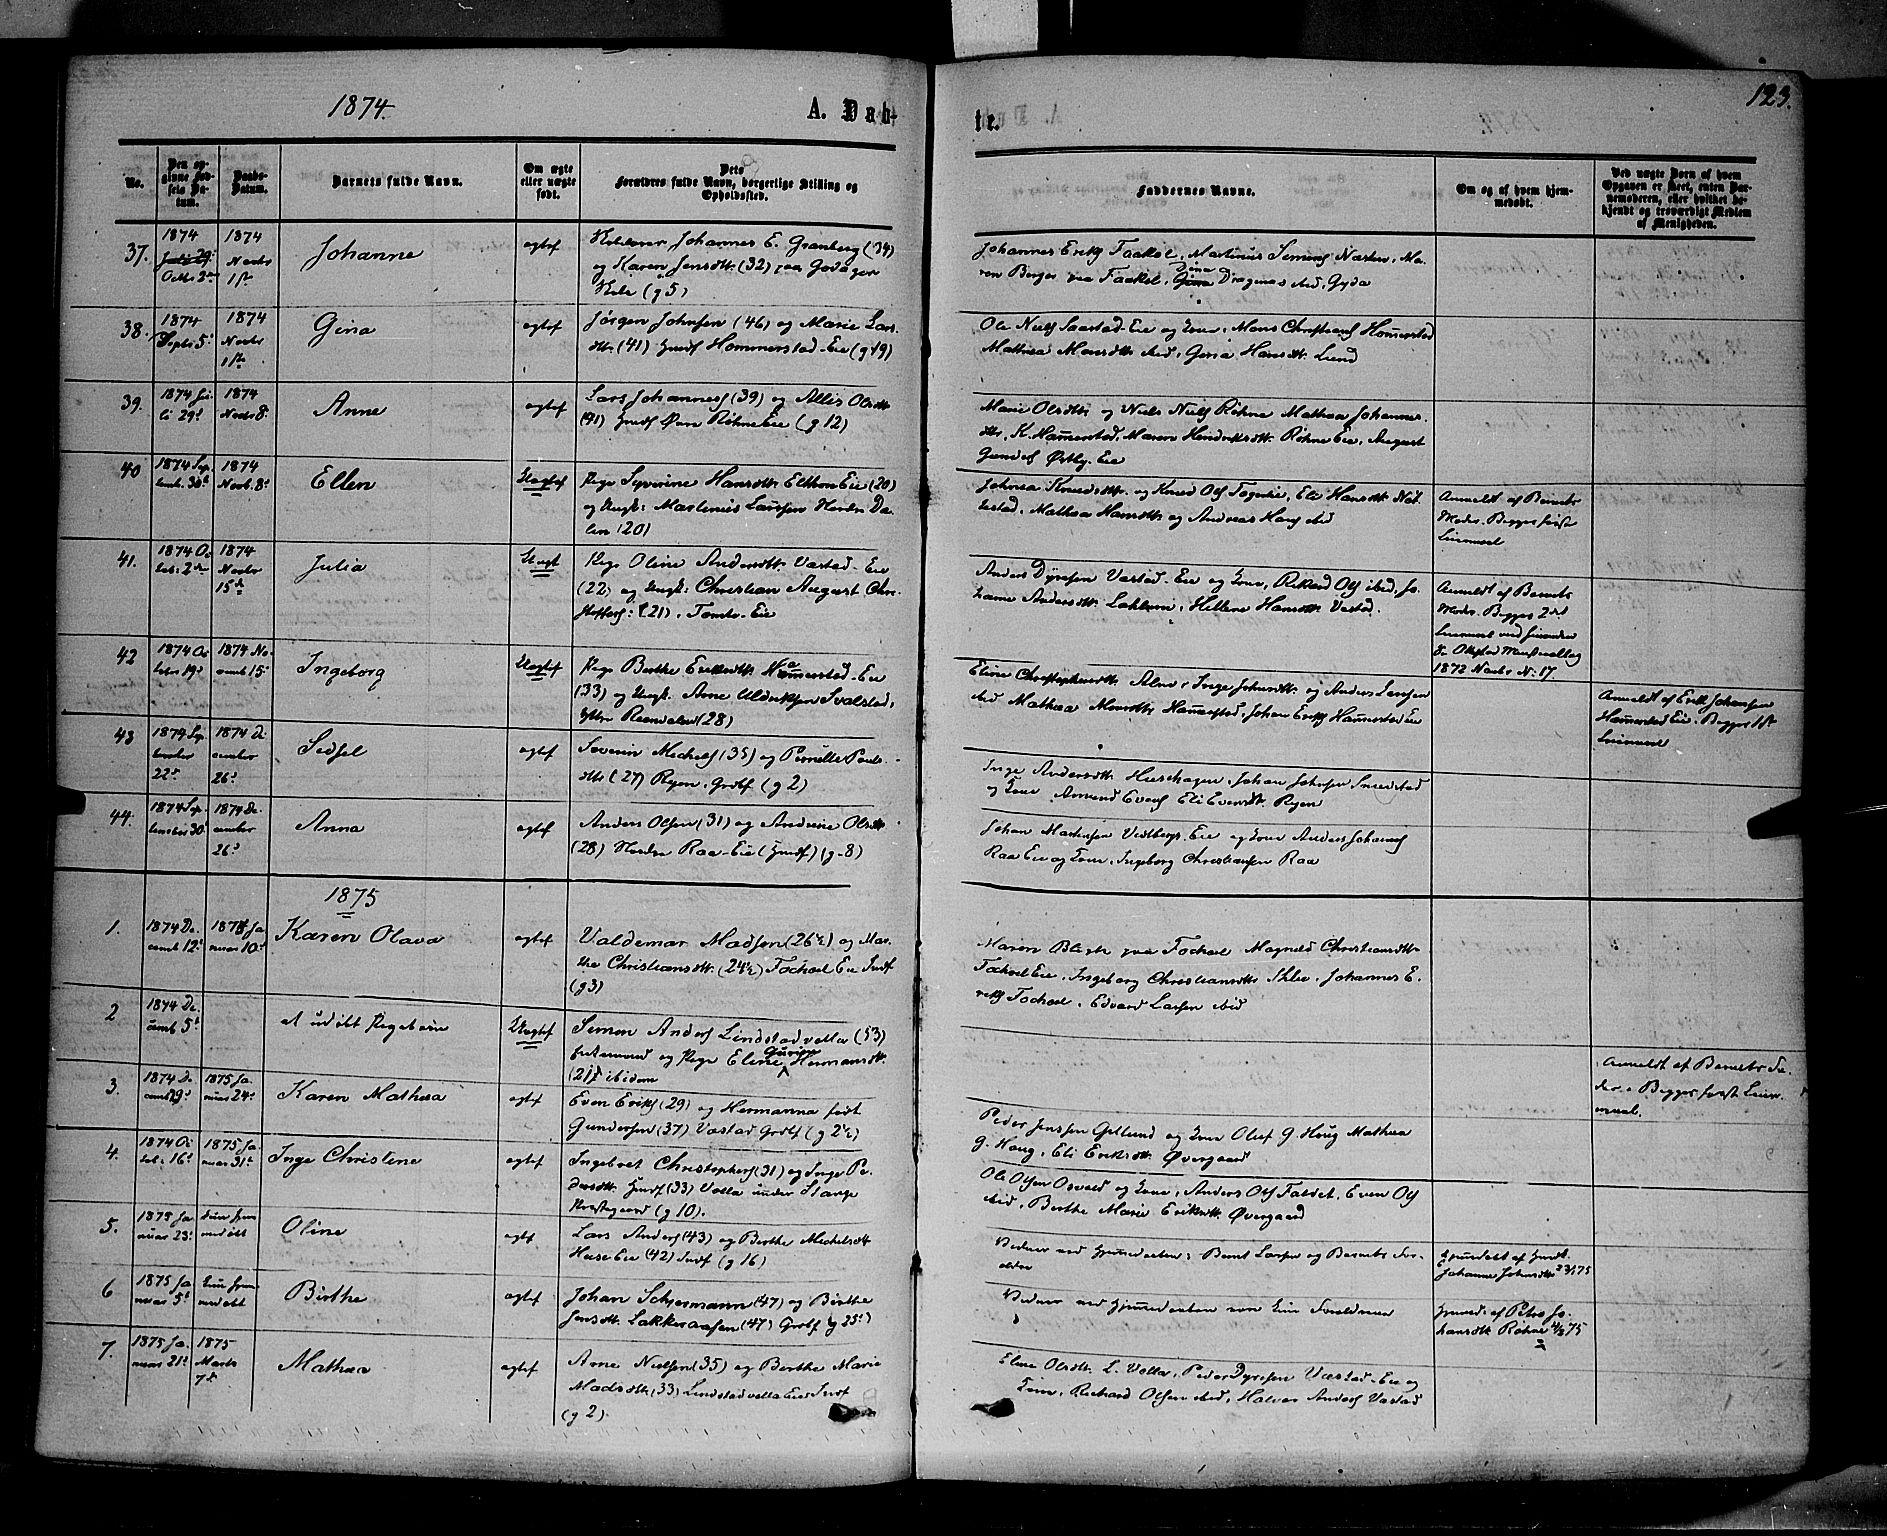 SAH, Stange prestekontor, K/L0013: Parish register (official) no. 13, 1862-1879, p. 123